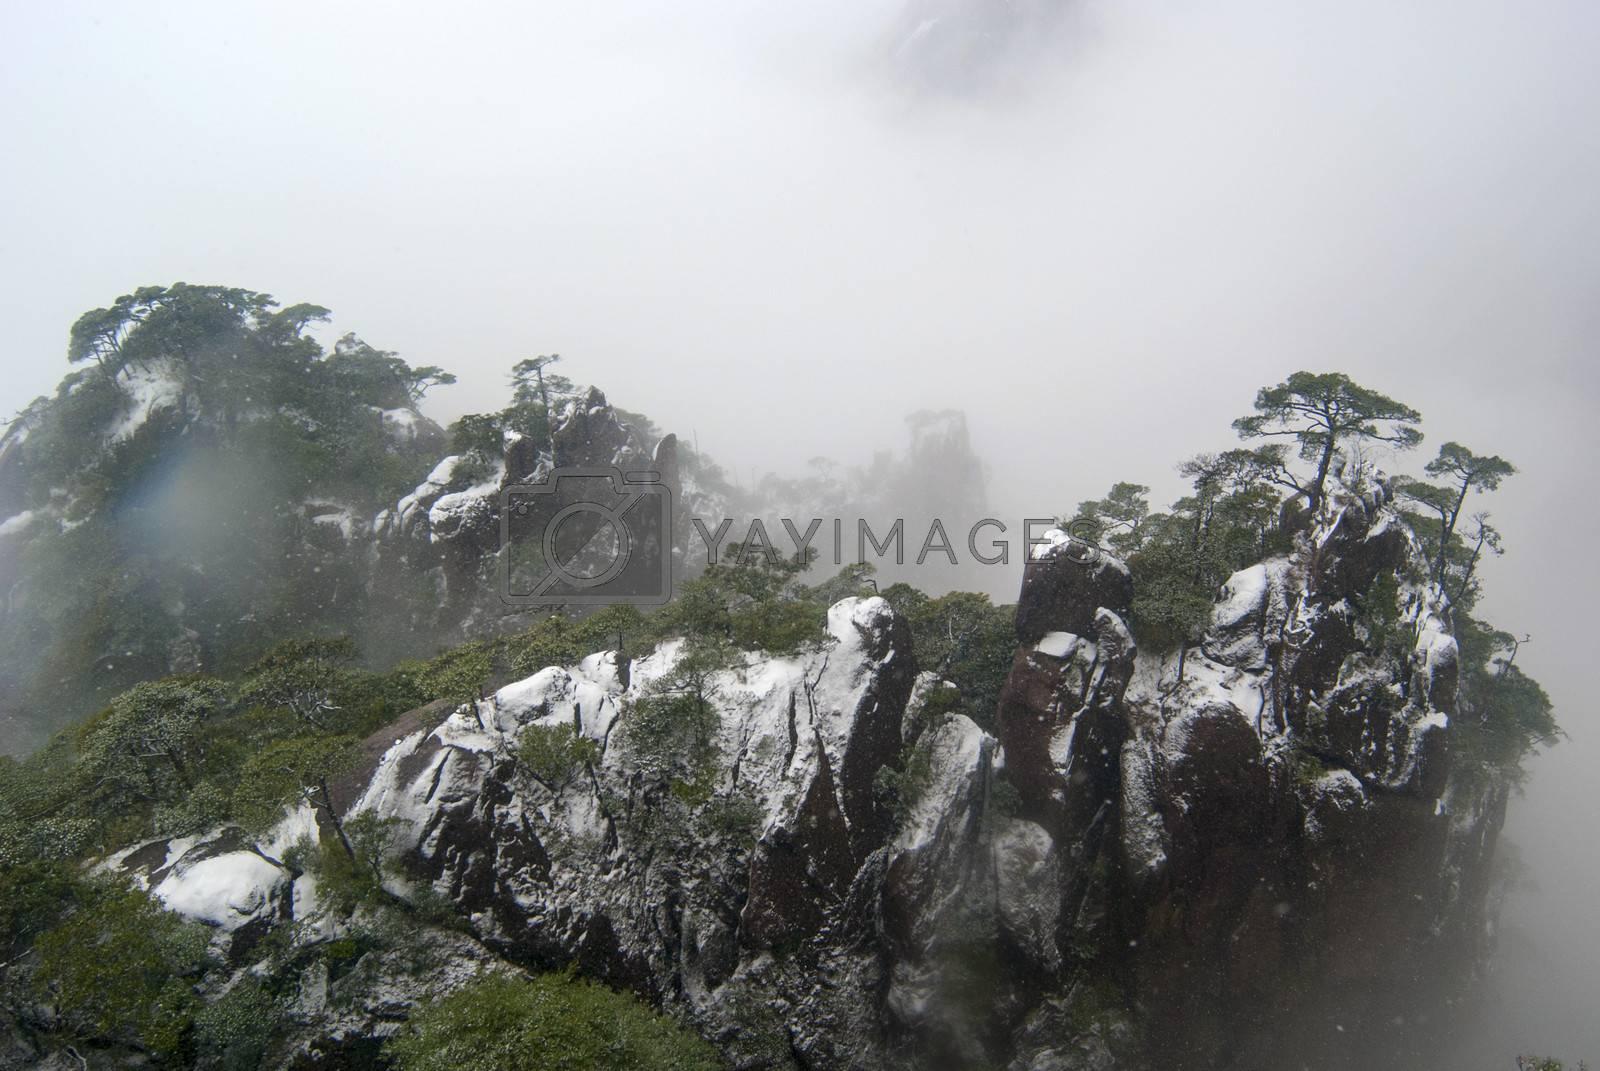 Taken in China, Jiangxi, Sanqingshan Mountain